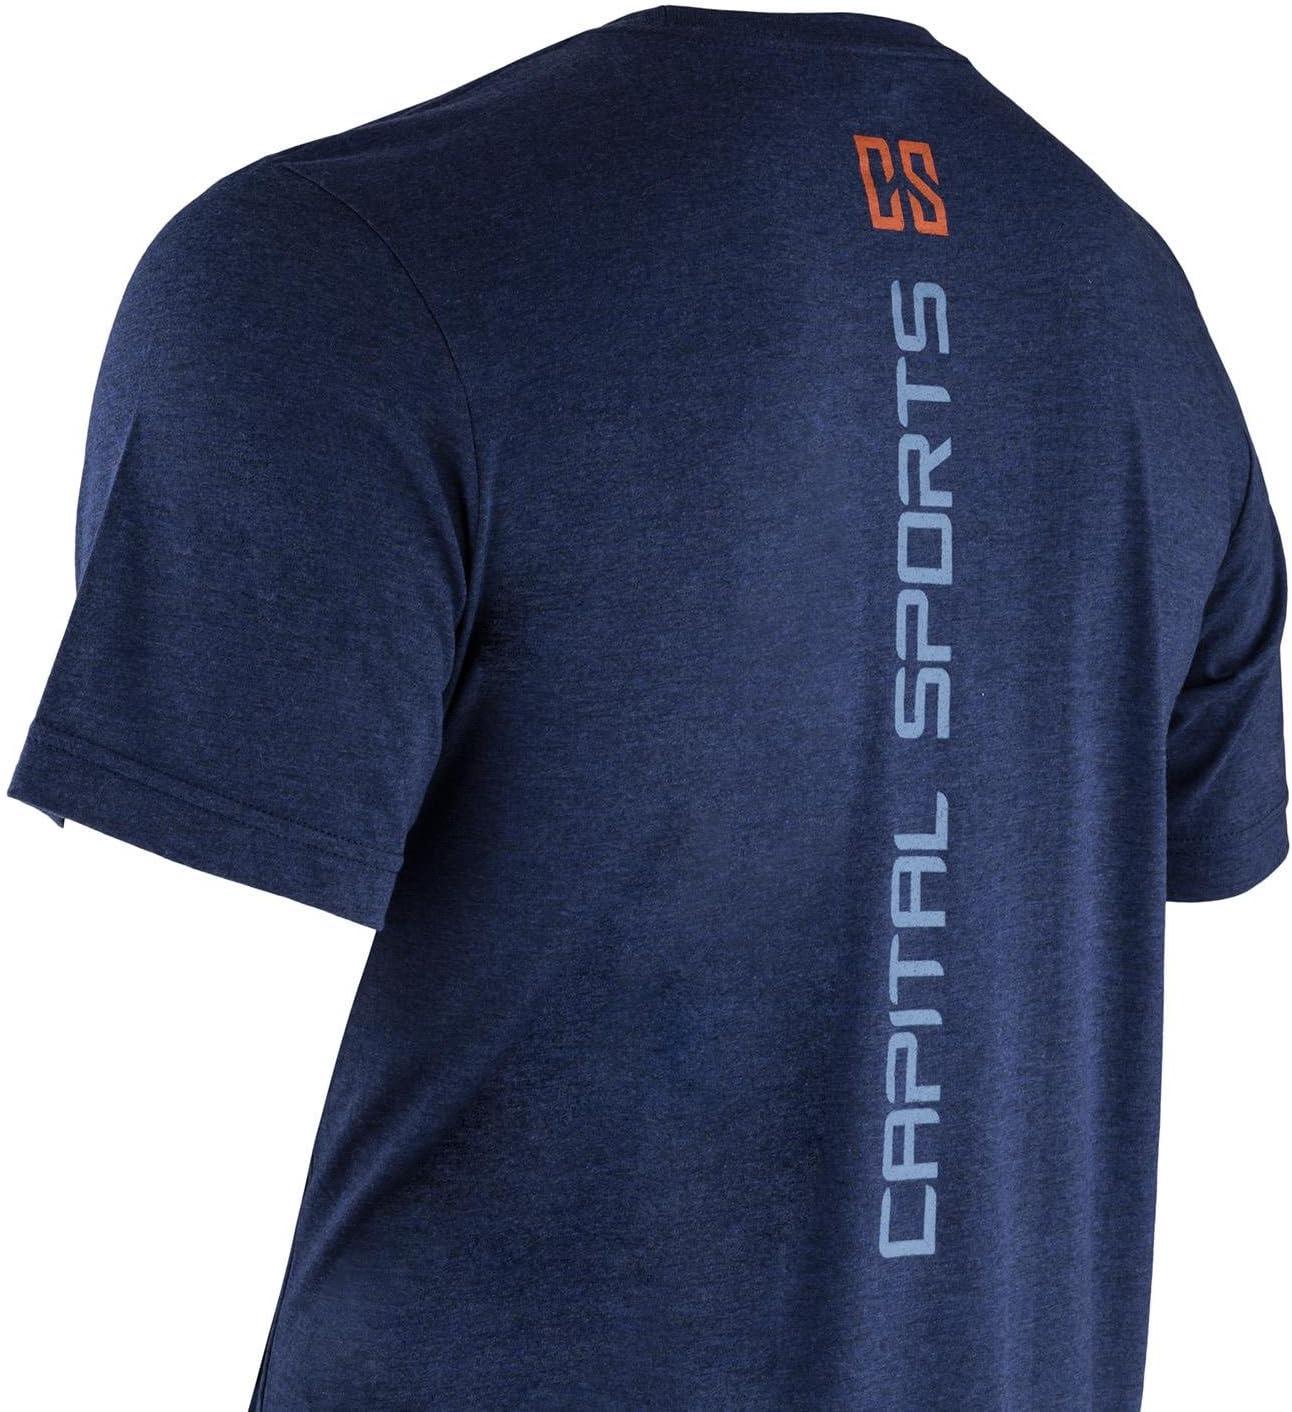 Logo Just Another Day at The Bar, Logo Stampato sul Retro, Tessuto Robusto Capital Sports T-Shirt Maglietta Fitness Palestra Allenamento da Uomo